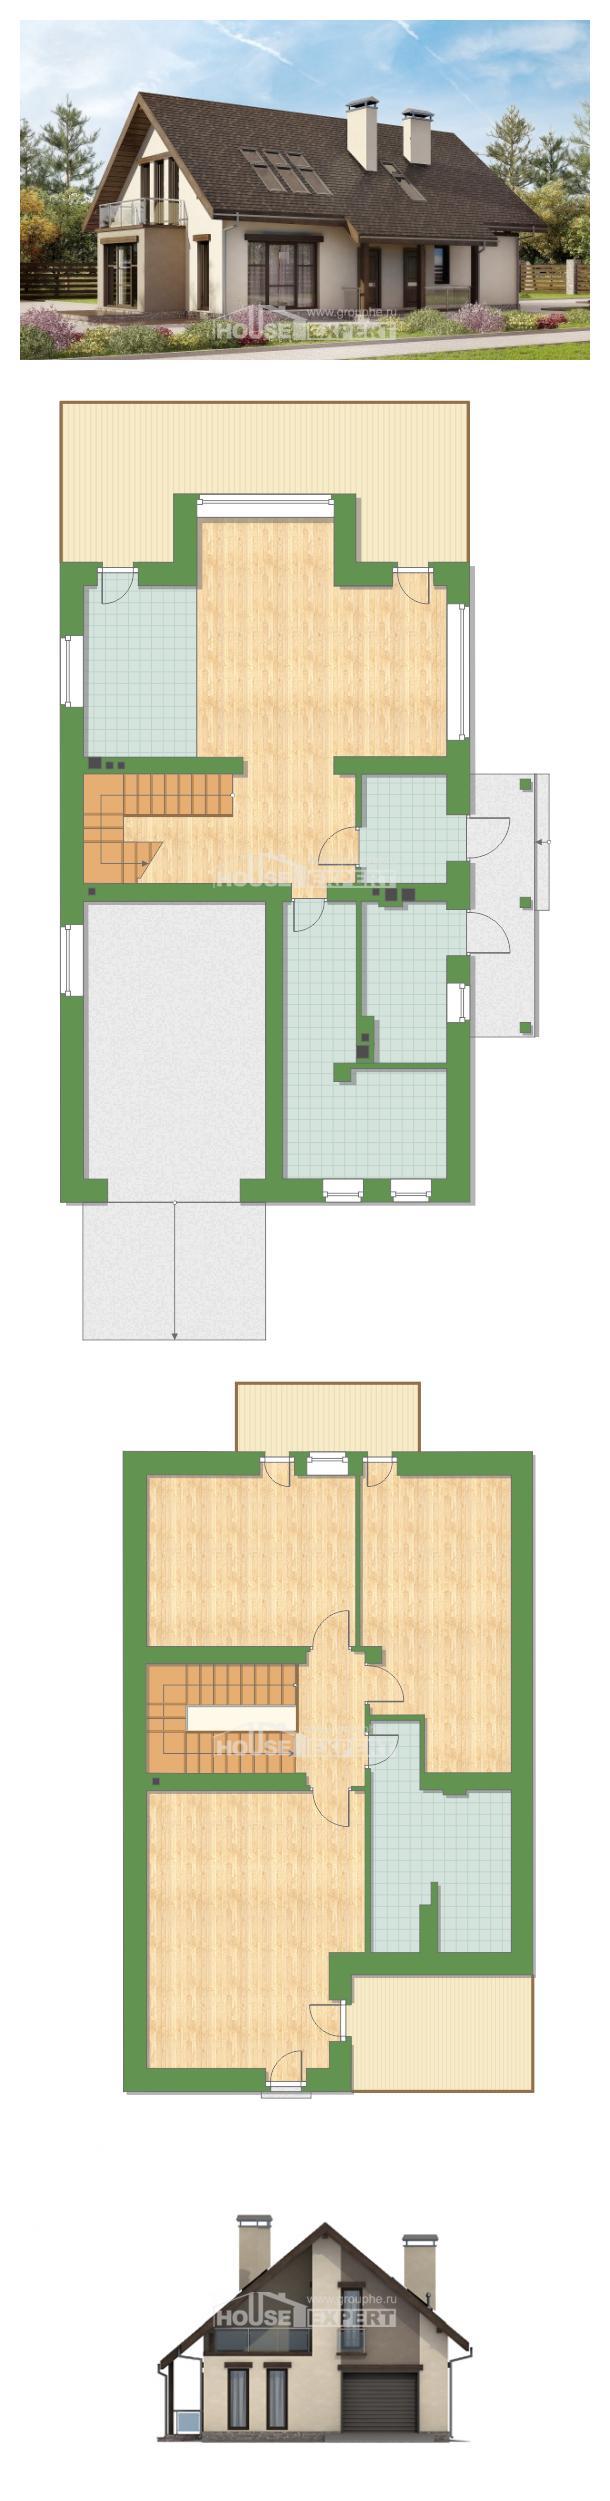 Plan 185-005-L   House Expert